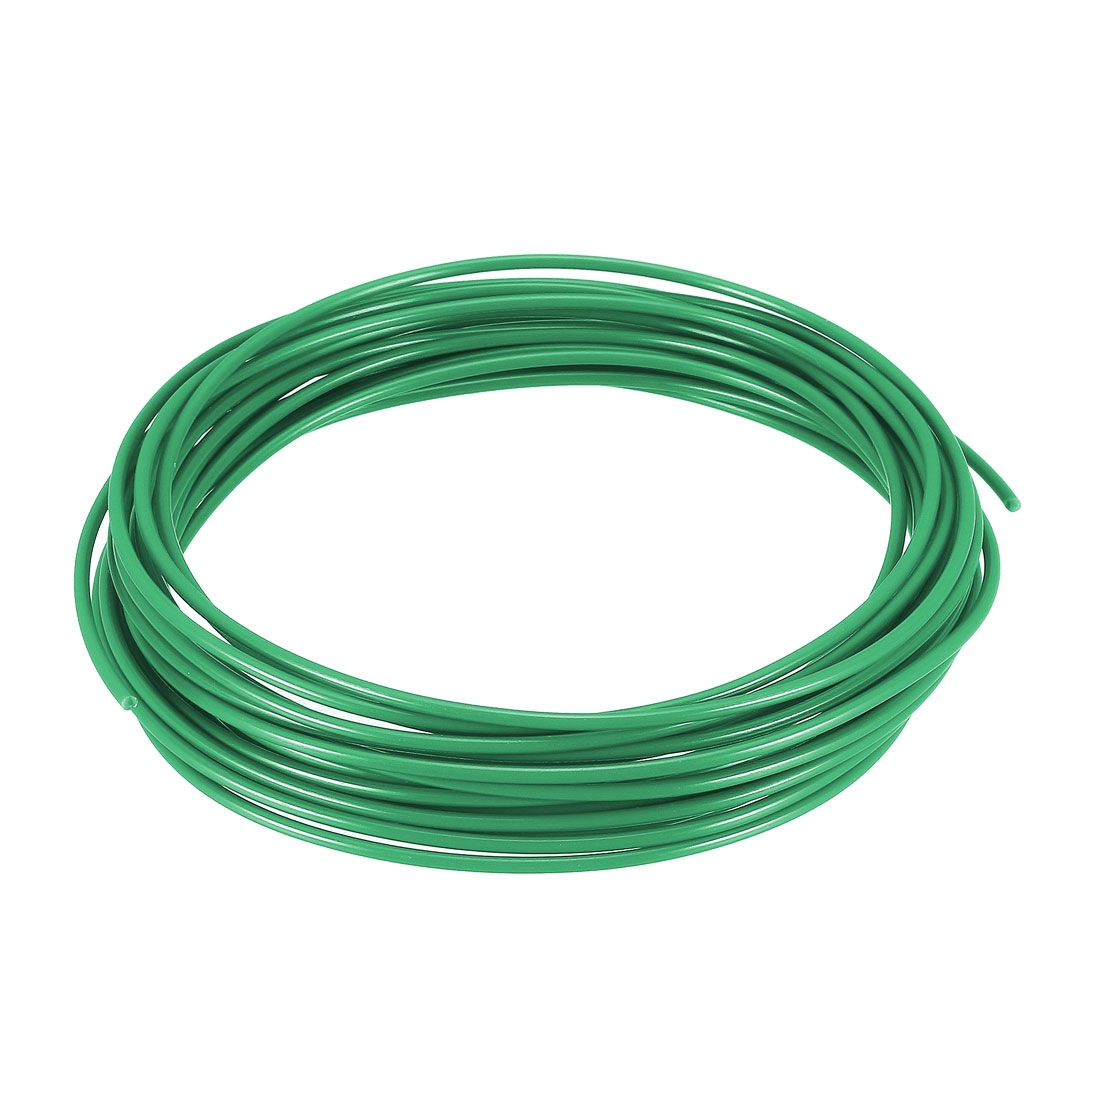 5 Meter/16 Ft PLA 3D Pen/3D Printer Filament, 1.75 mm Green